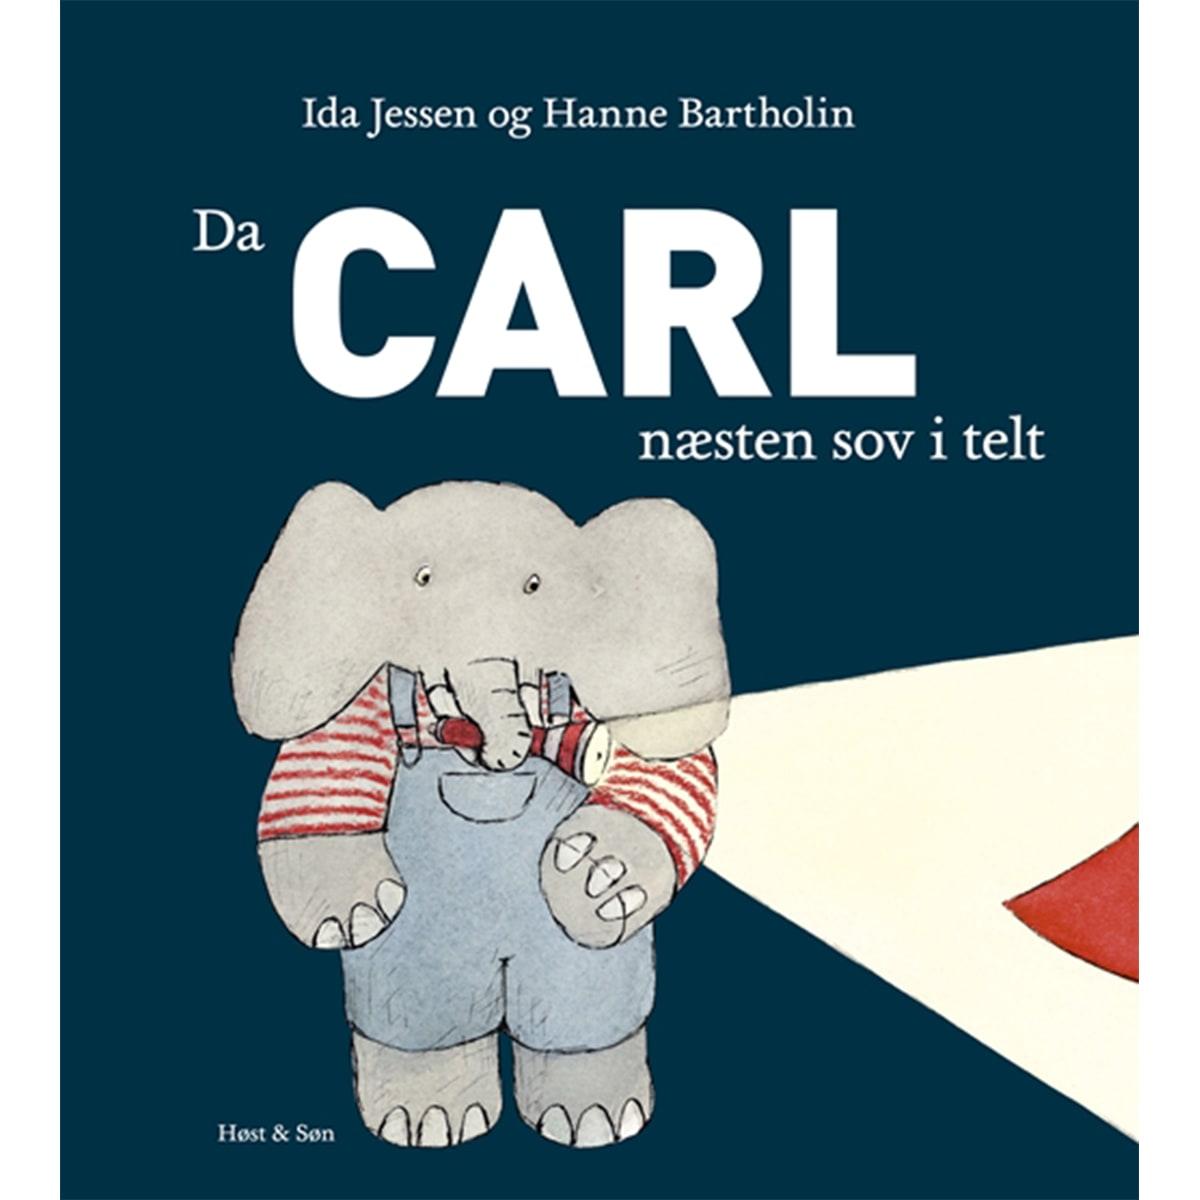 Af Hanne Bartholin & Ida Jessen